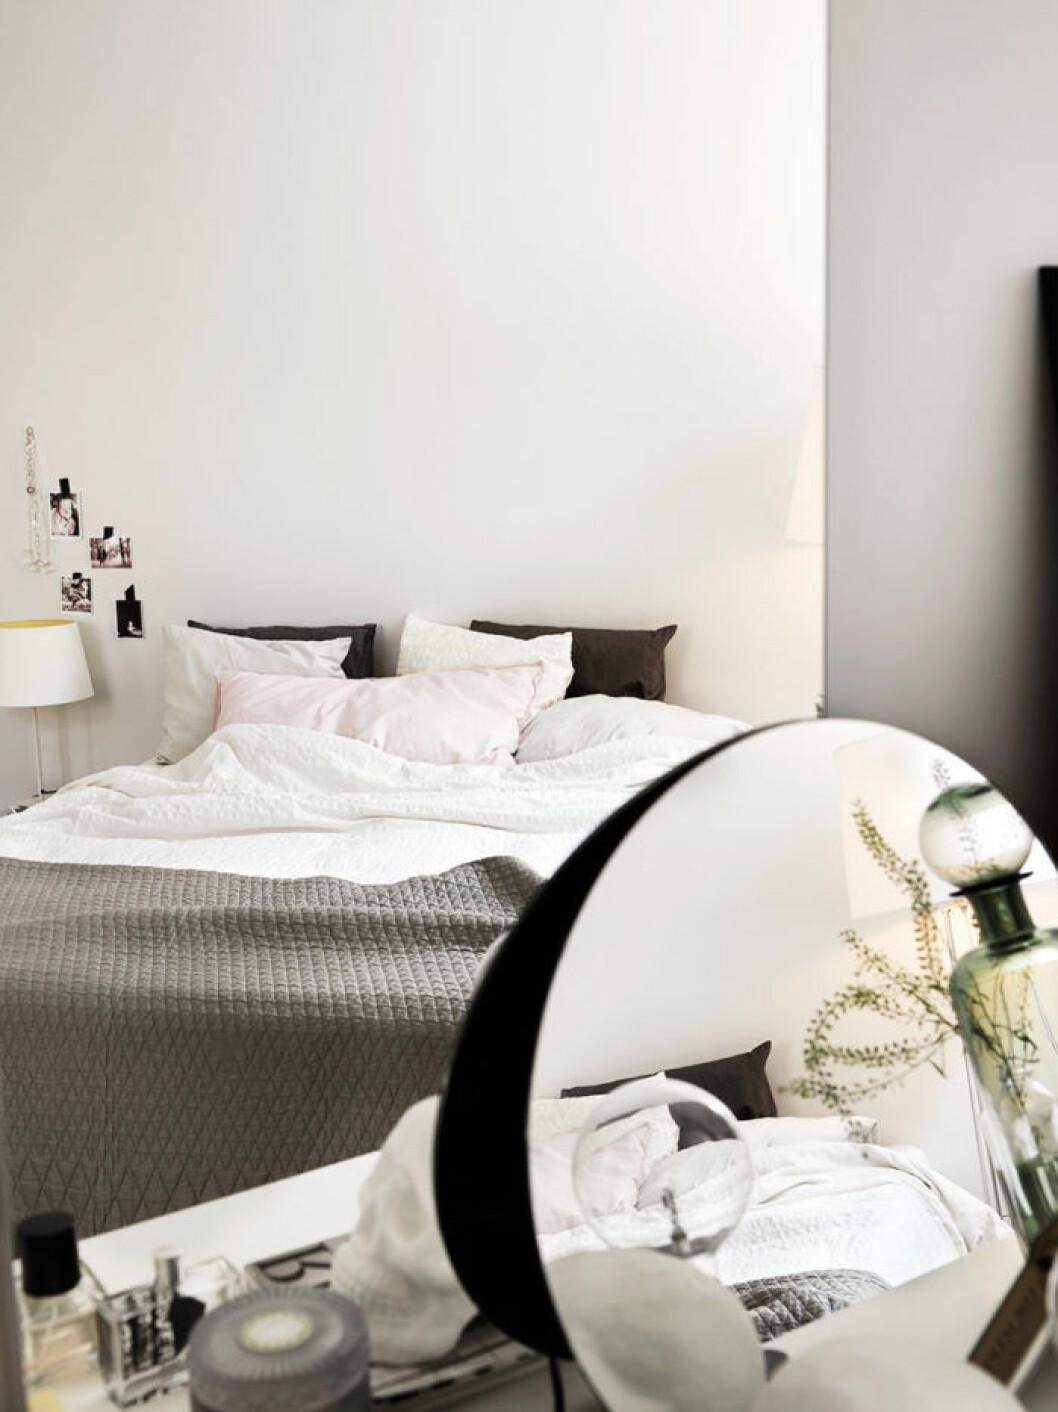 Den minimalistiska inredningsstilen passar jungfrun.